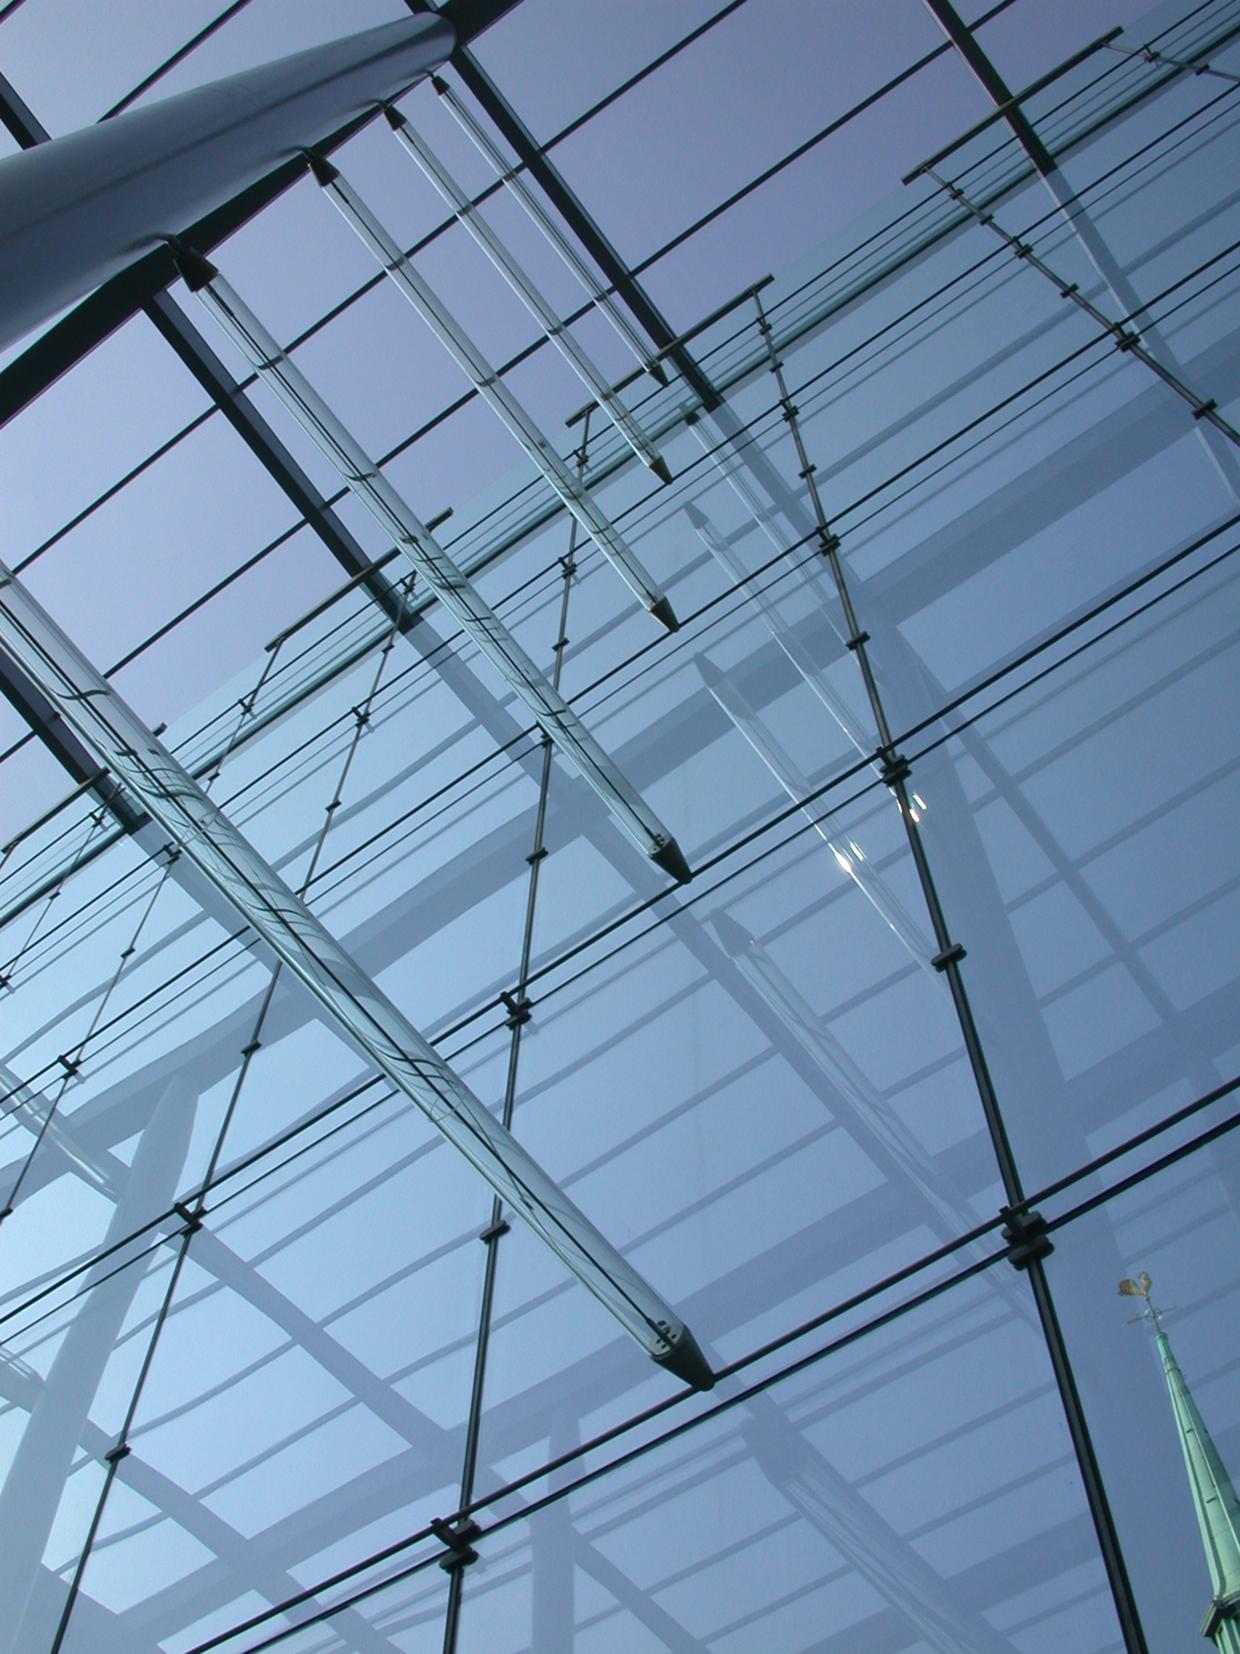 GlassTubeField_Alt 04